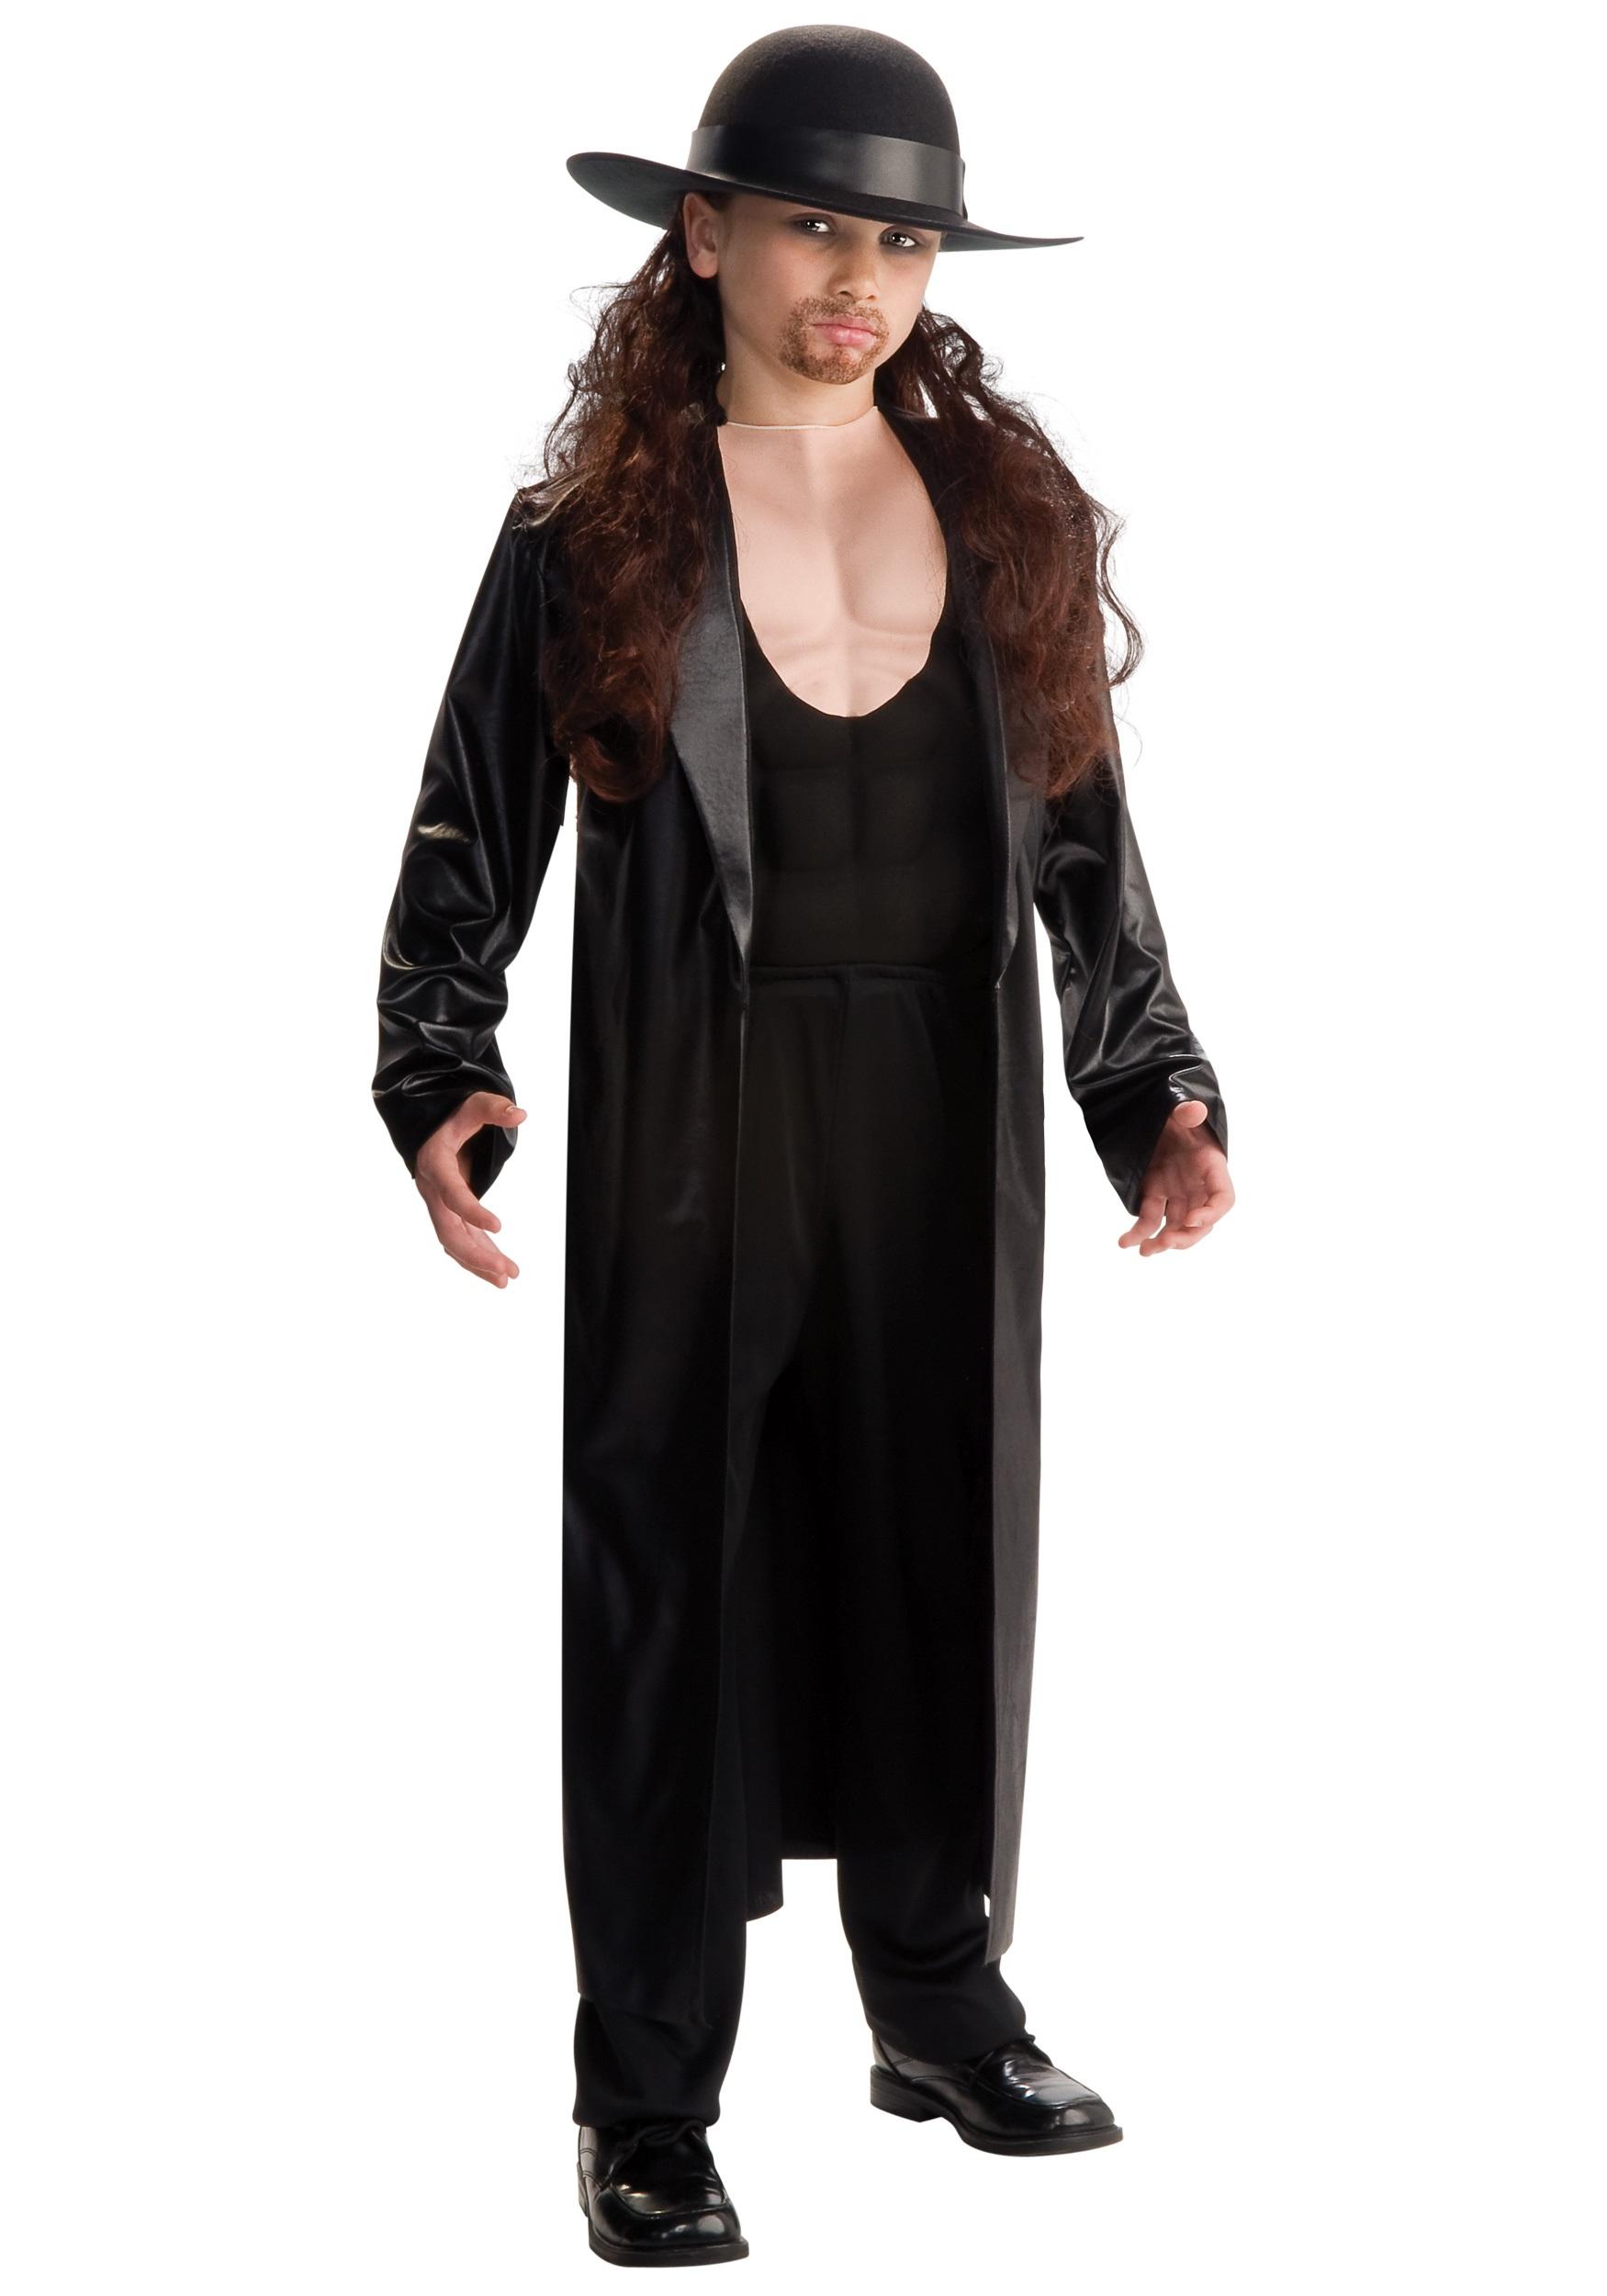 Kids Deluxe Undertaker Costume  sc 1 st  Halloween Costumes & Kids Deluxe Undertaker Costume - Halloween Costumes